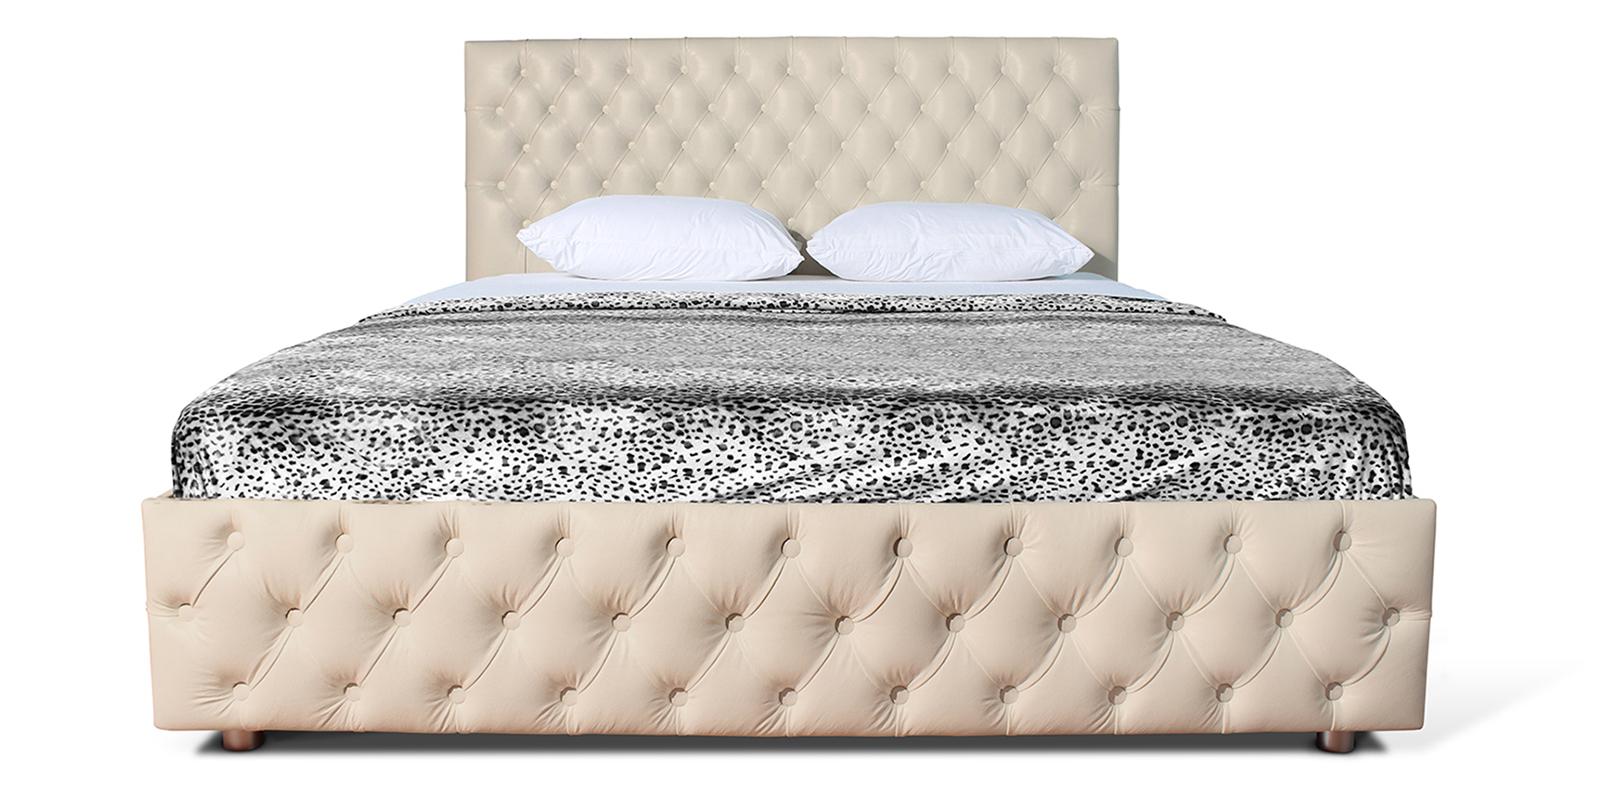 Мягкая кровать 200х160 Малибу вариант №4 с ортопедическим основанием (Бежевый)